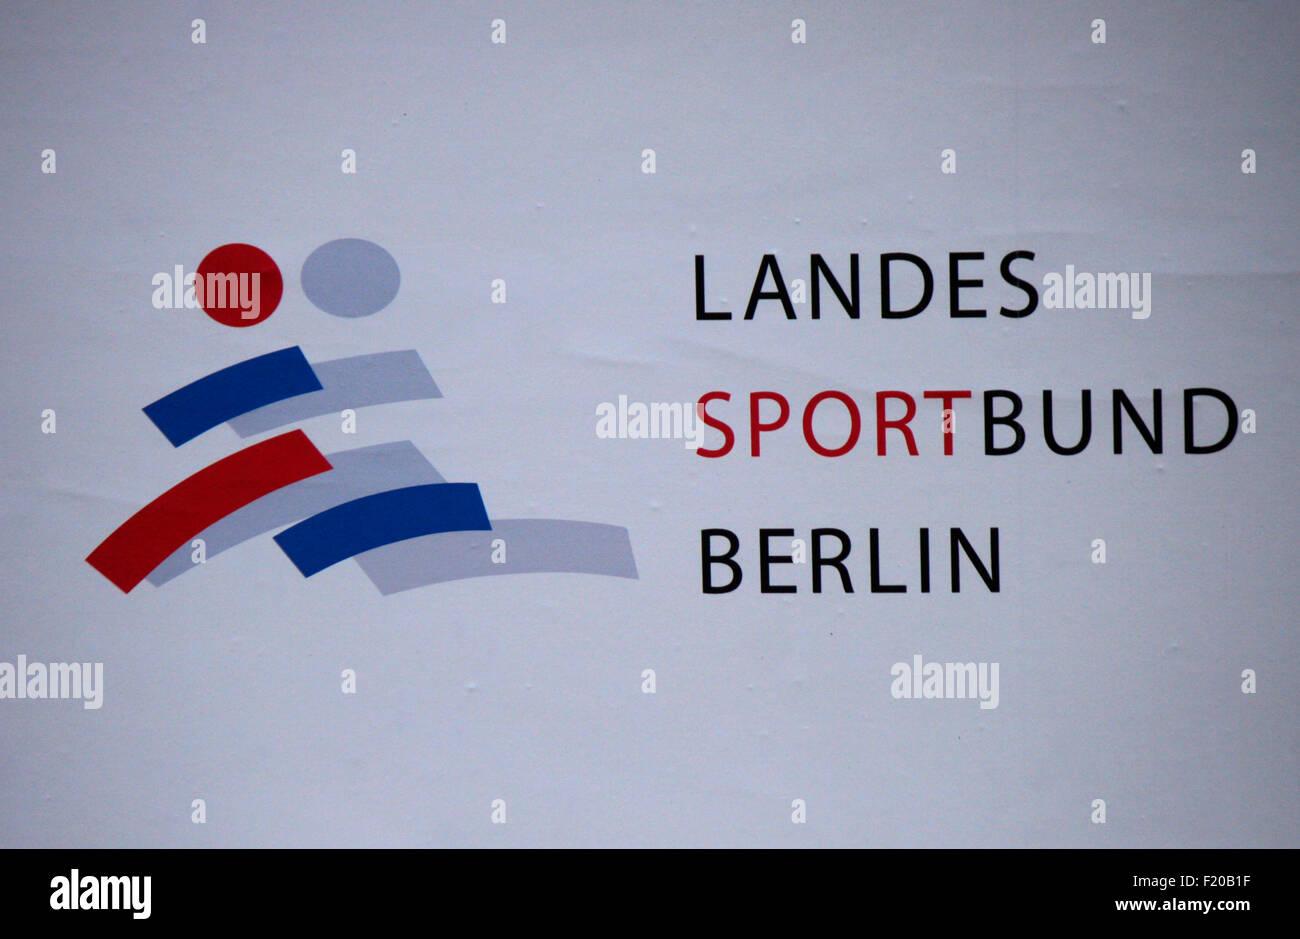 Landes Sportbund Markenname: 'Berlin', Berlin. Photo Stock